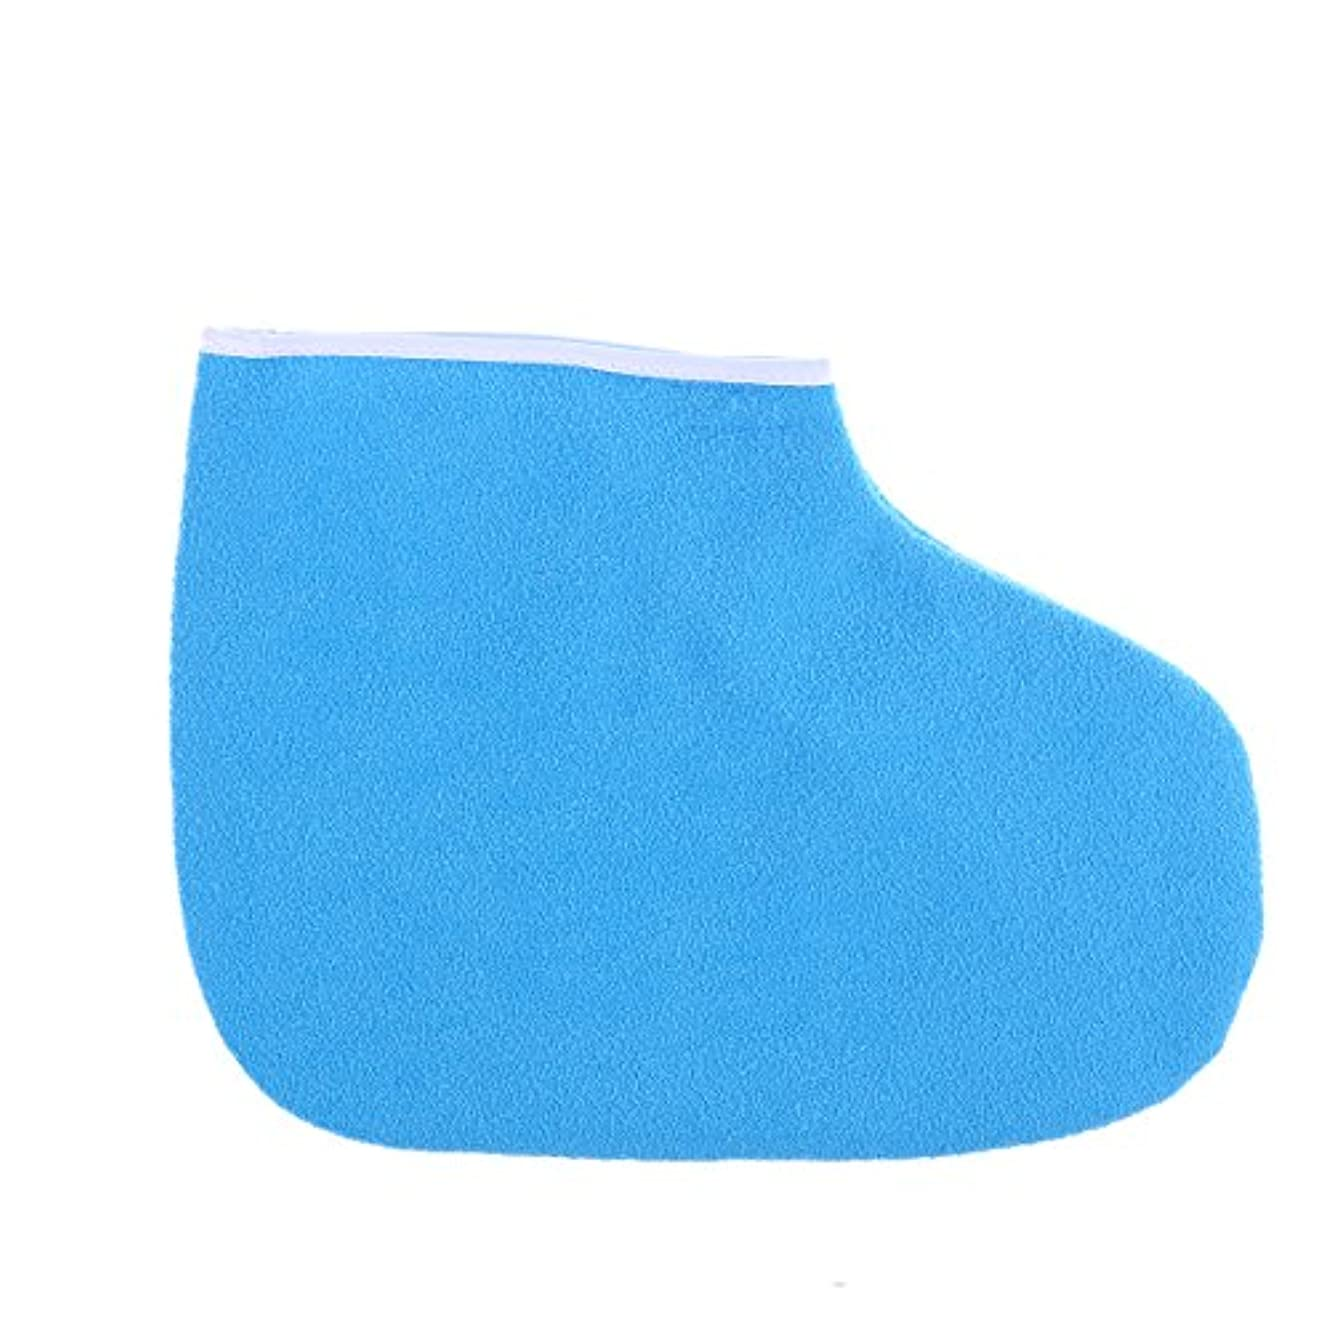 ファックス偽善者空中HEALLILY パラフィンブーティワックスバスフットスパカバー温熱療法絶縁ソフトコットン保湿フットストラップ(ブルー)